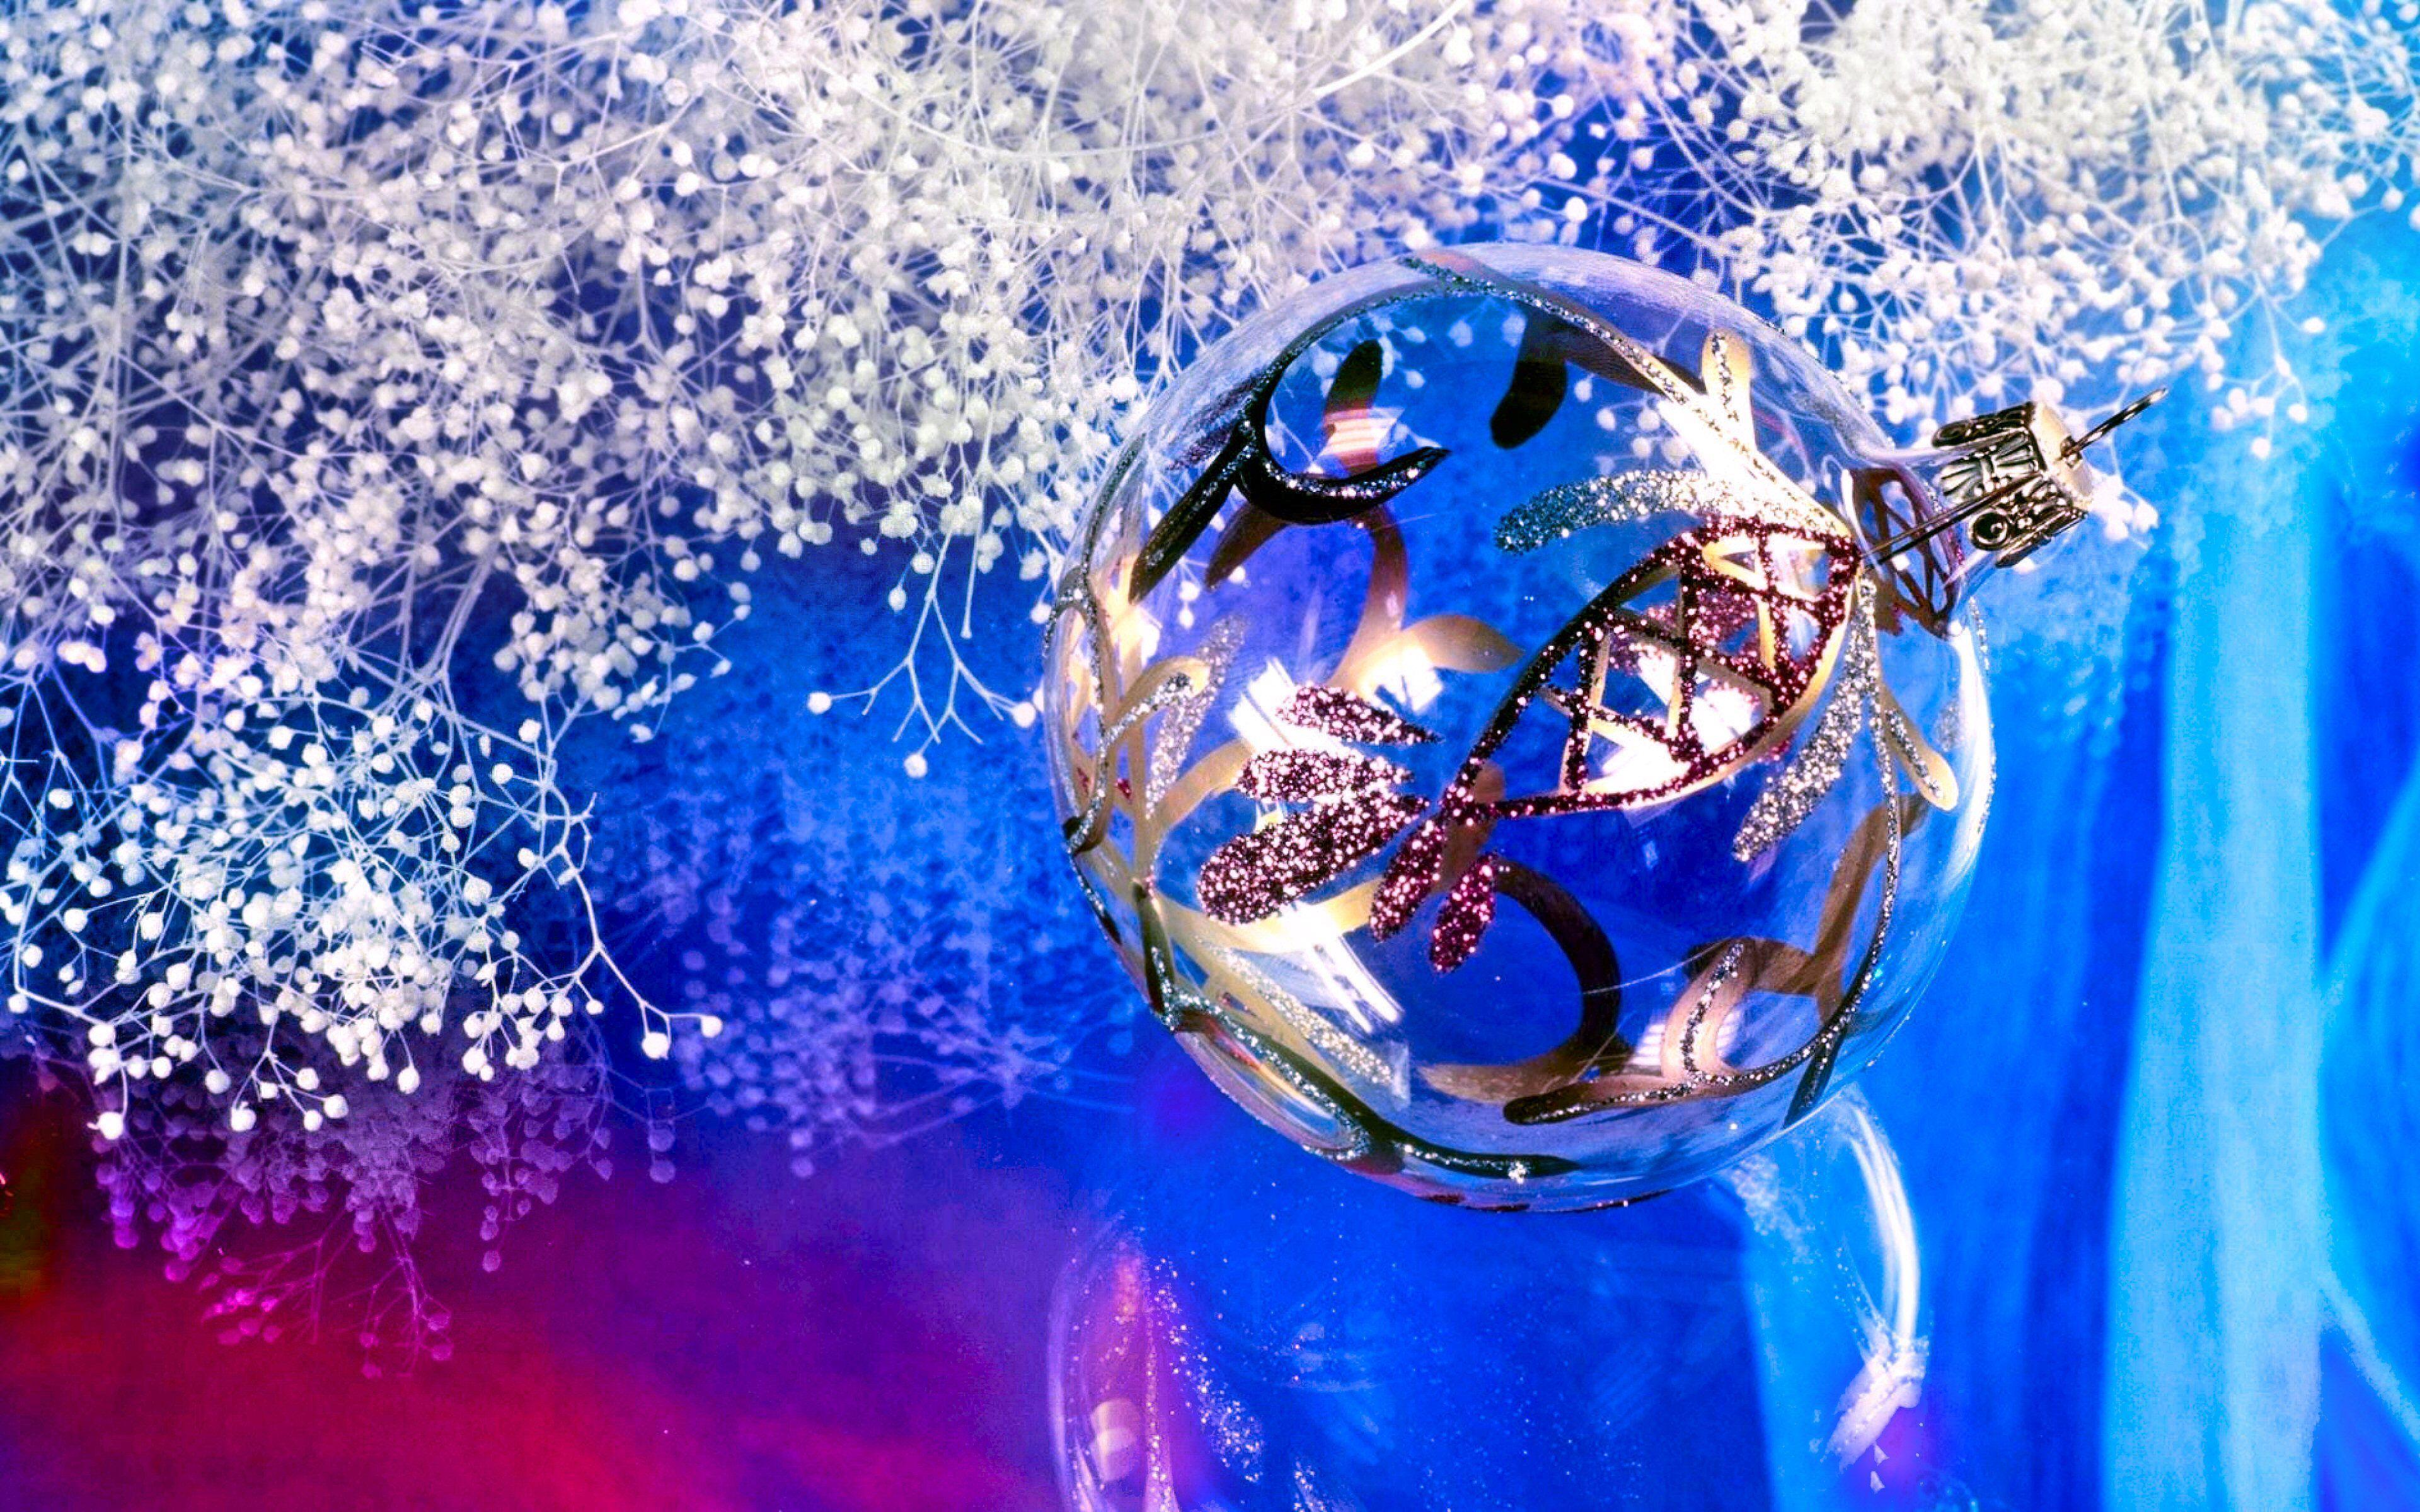 4K Christmas Wallpapers - Top Free 4K Christmas ...